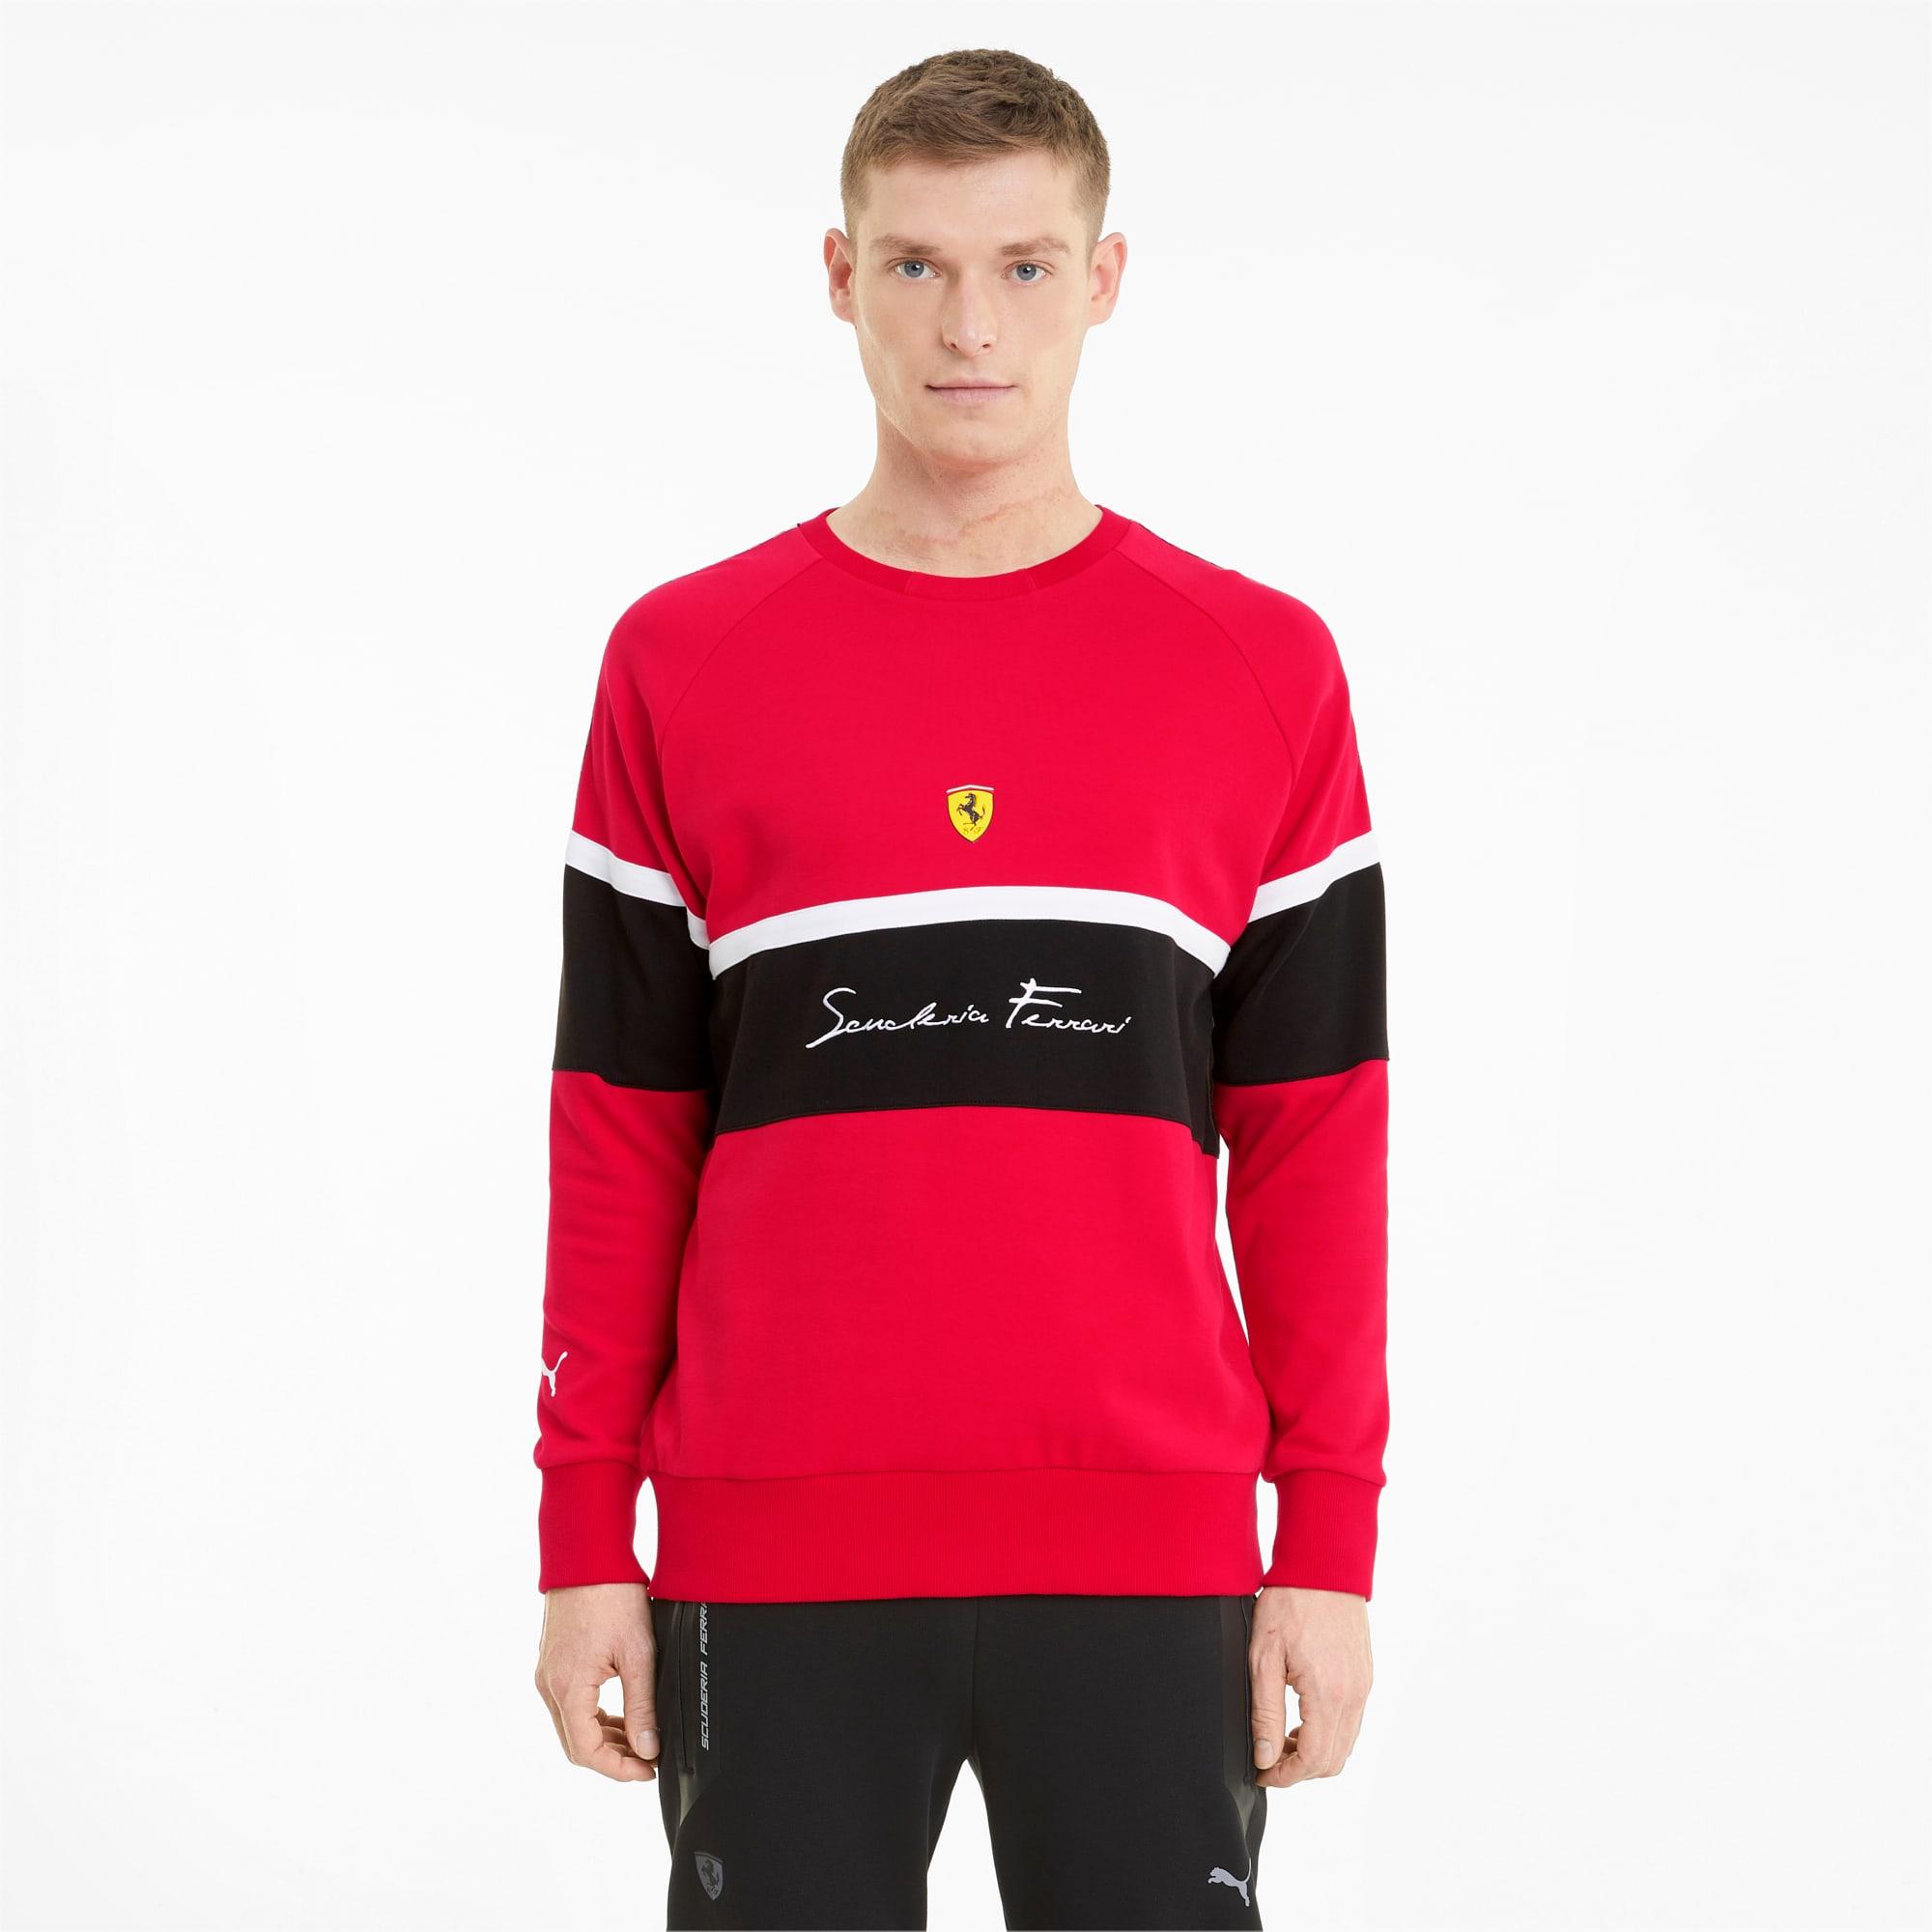 Scuderia Ferrari Herren Sweatshirt Mit Rundhalsausschnitt Rosso Corsa Puma Herren Kollektion Puma Deutschland